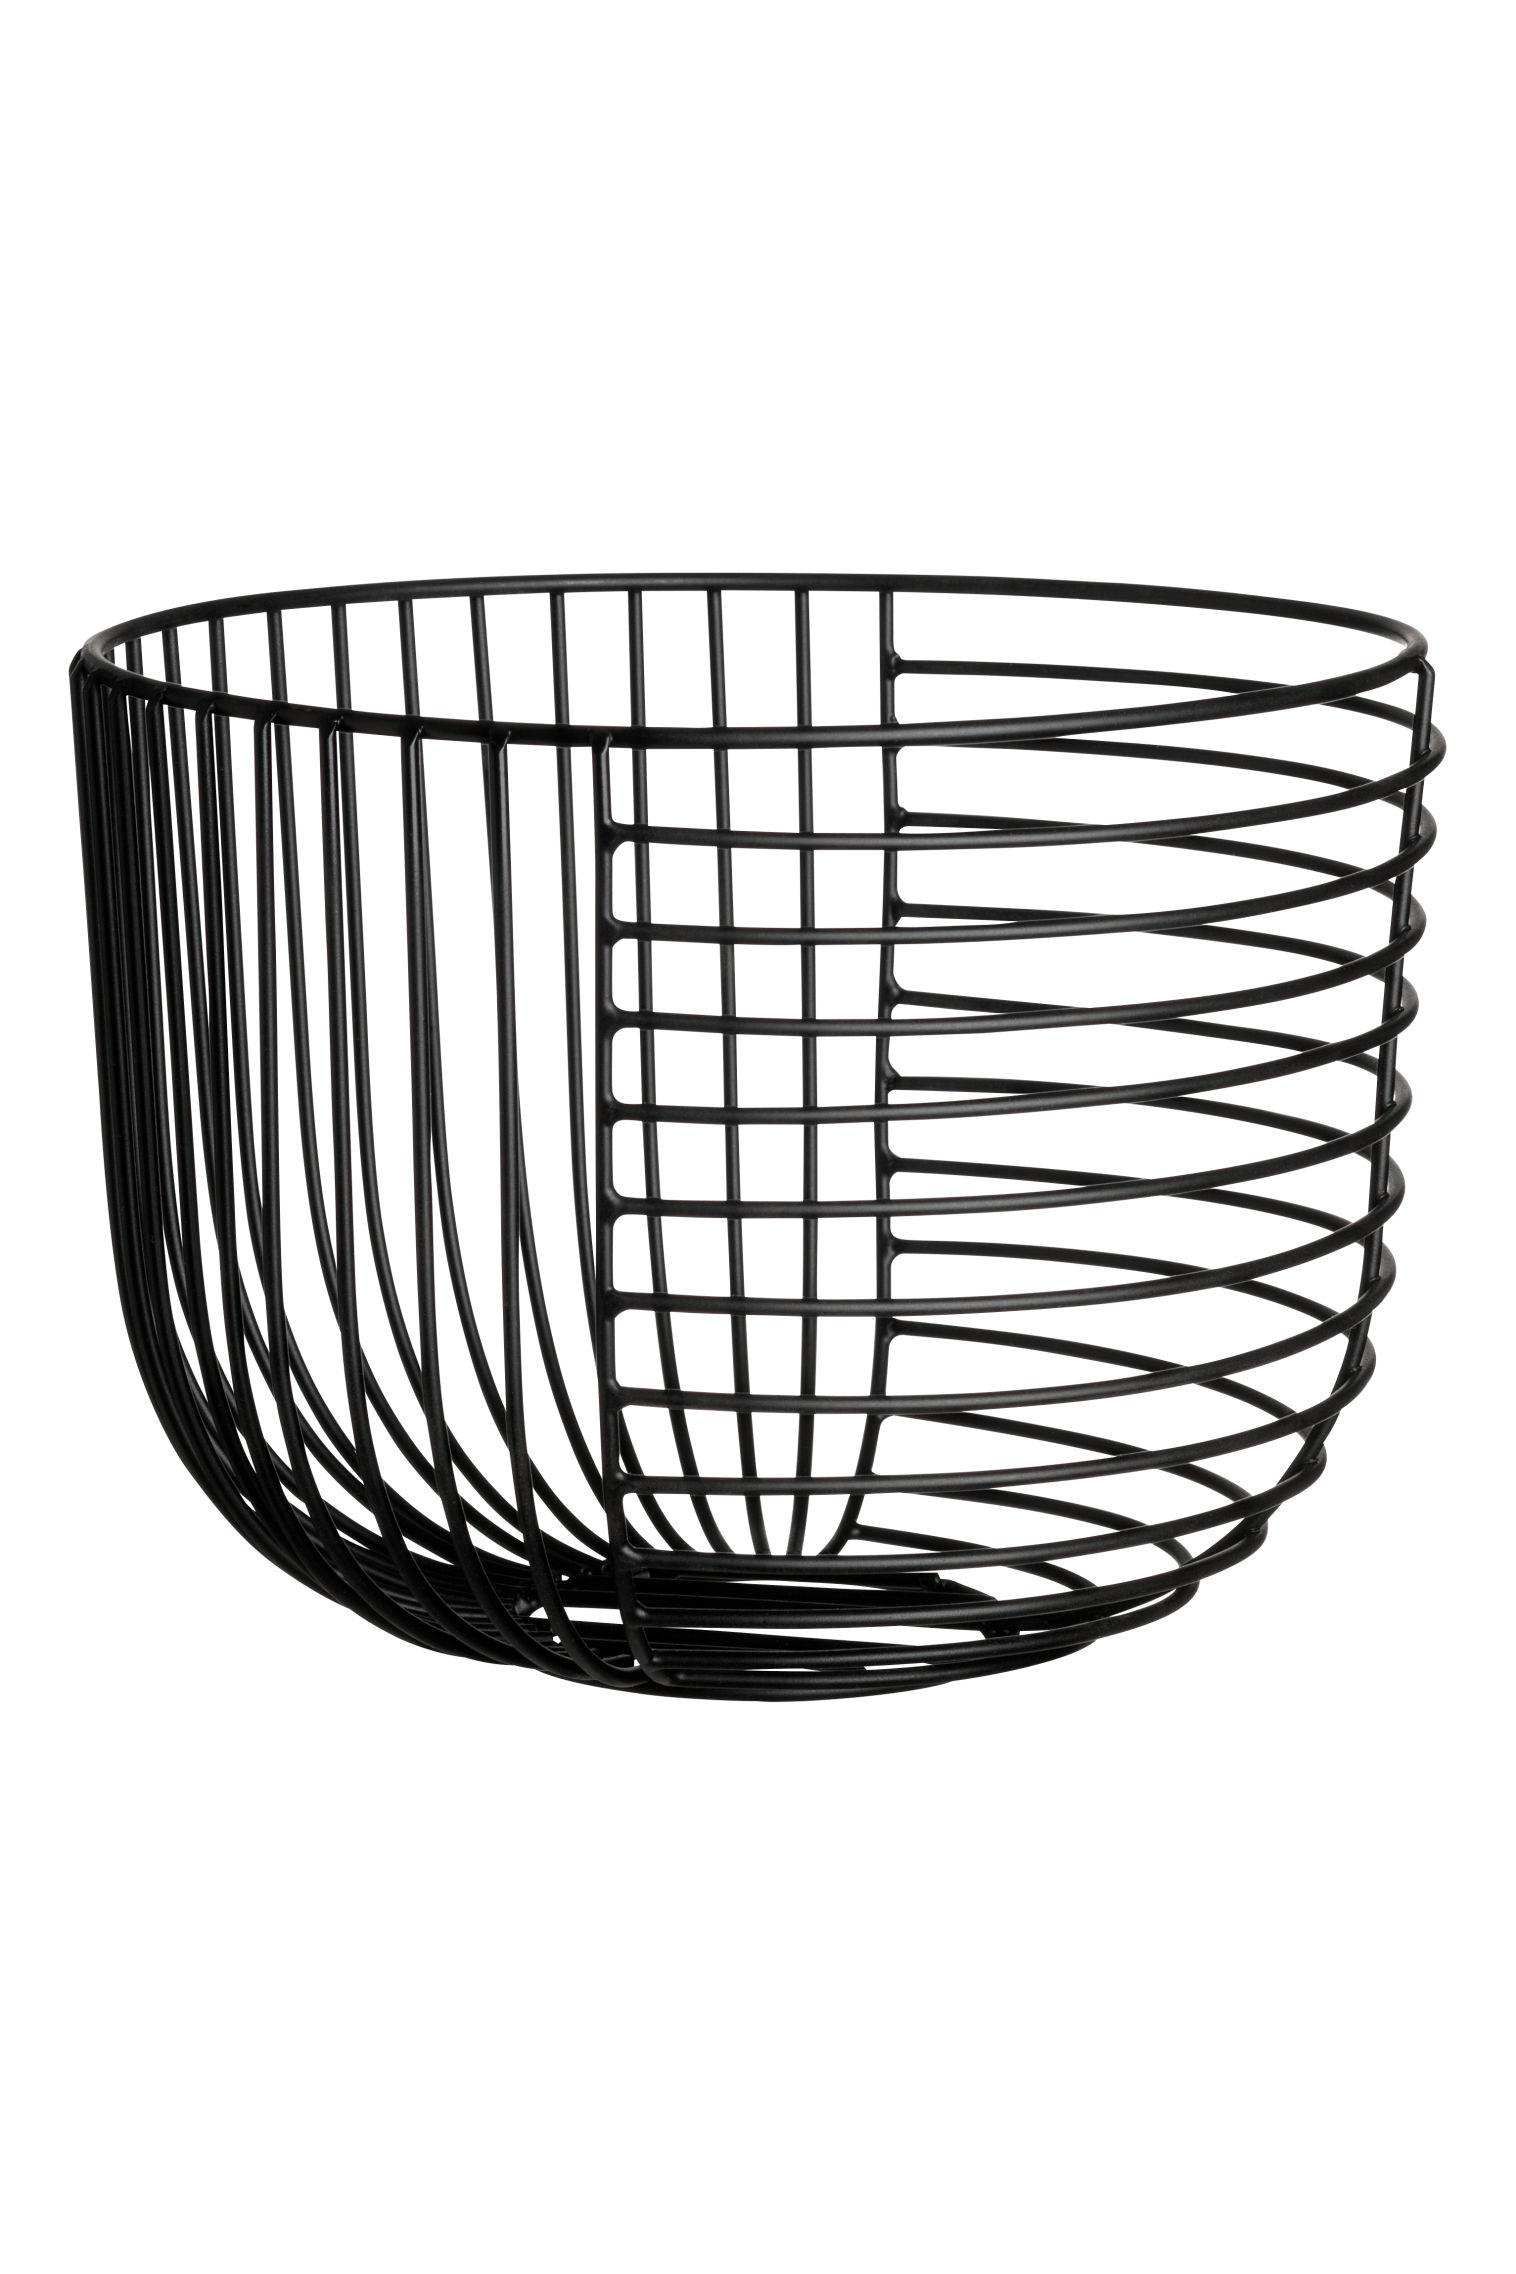 Round metal wire basket | H&M UAE